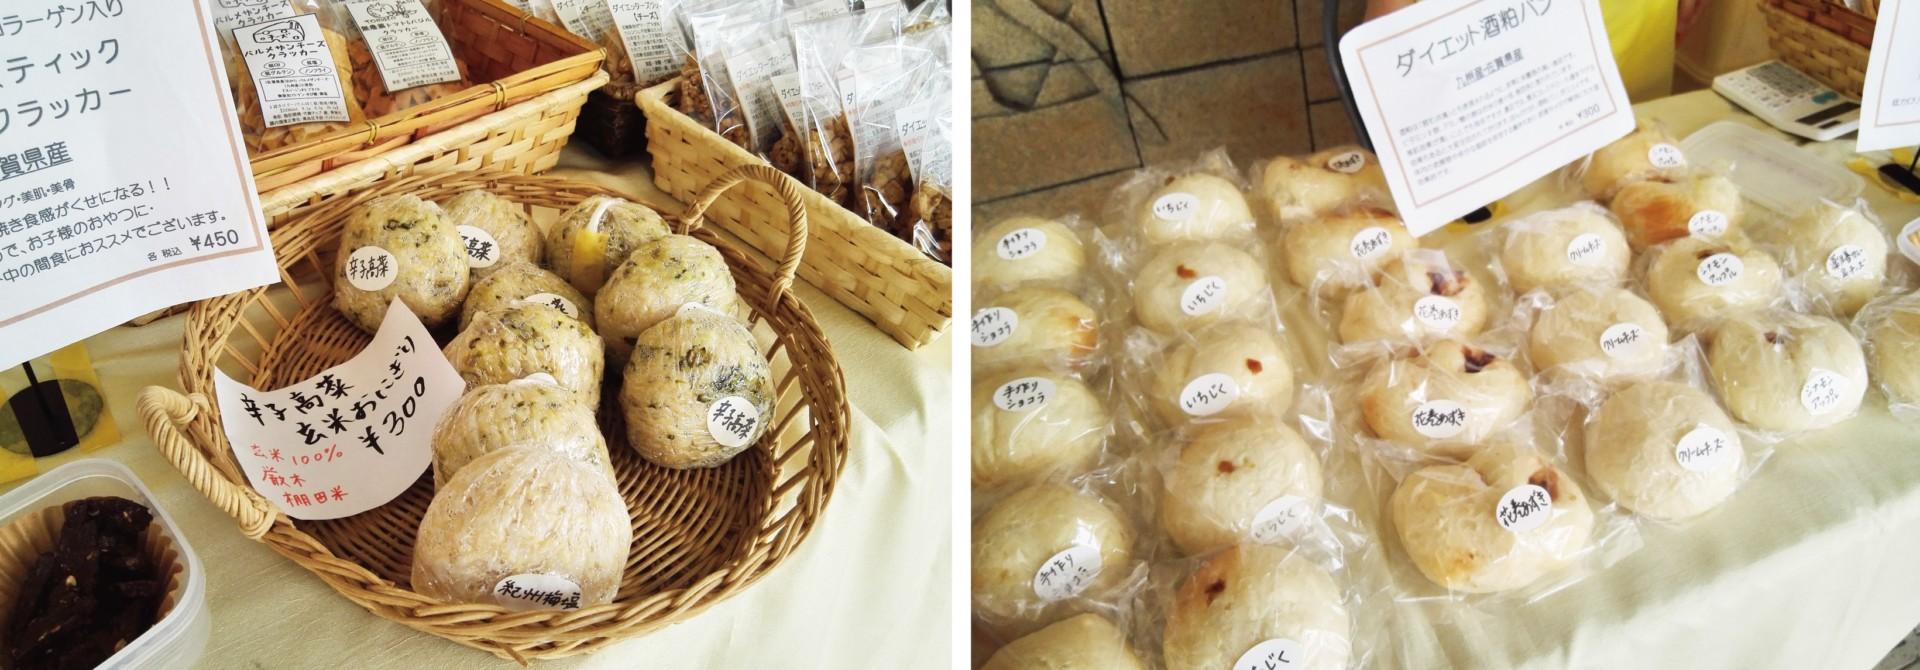 この日出店されていたダイエットフードの店では、玄米おにぎりや酒粕パンなども販売されていました!